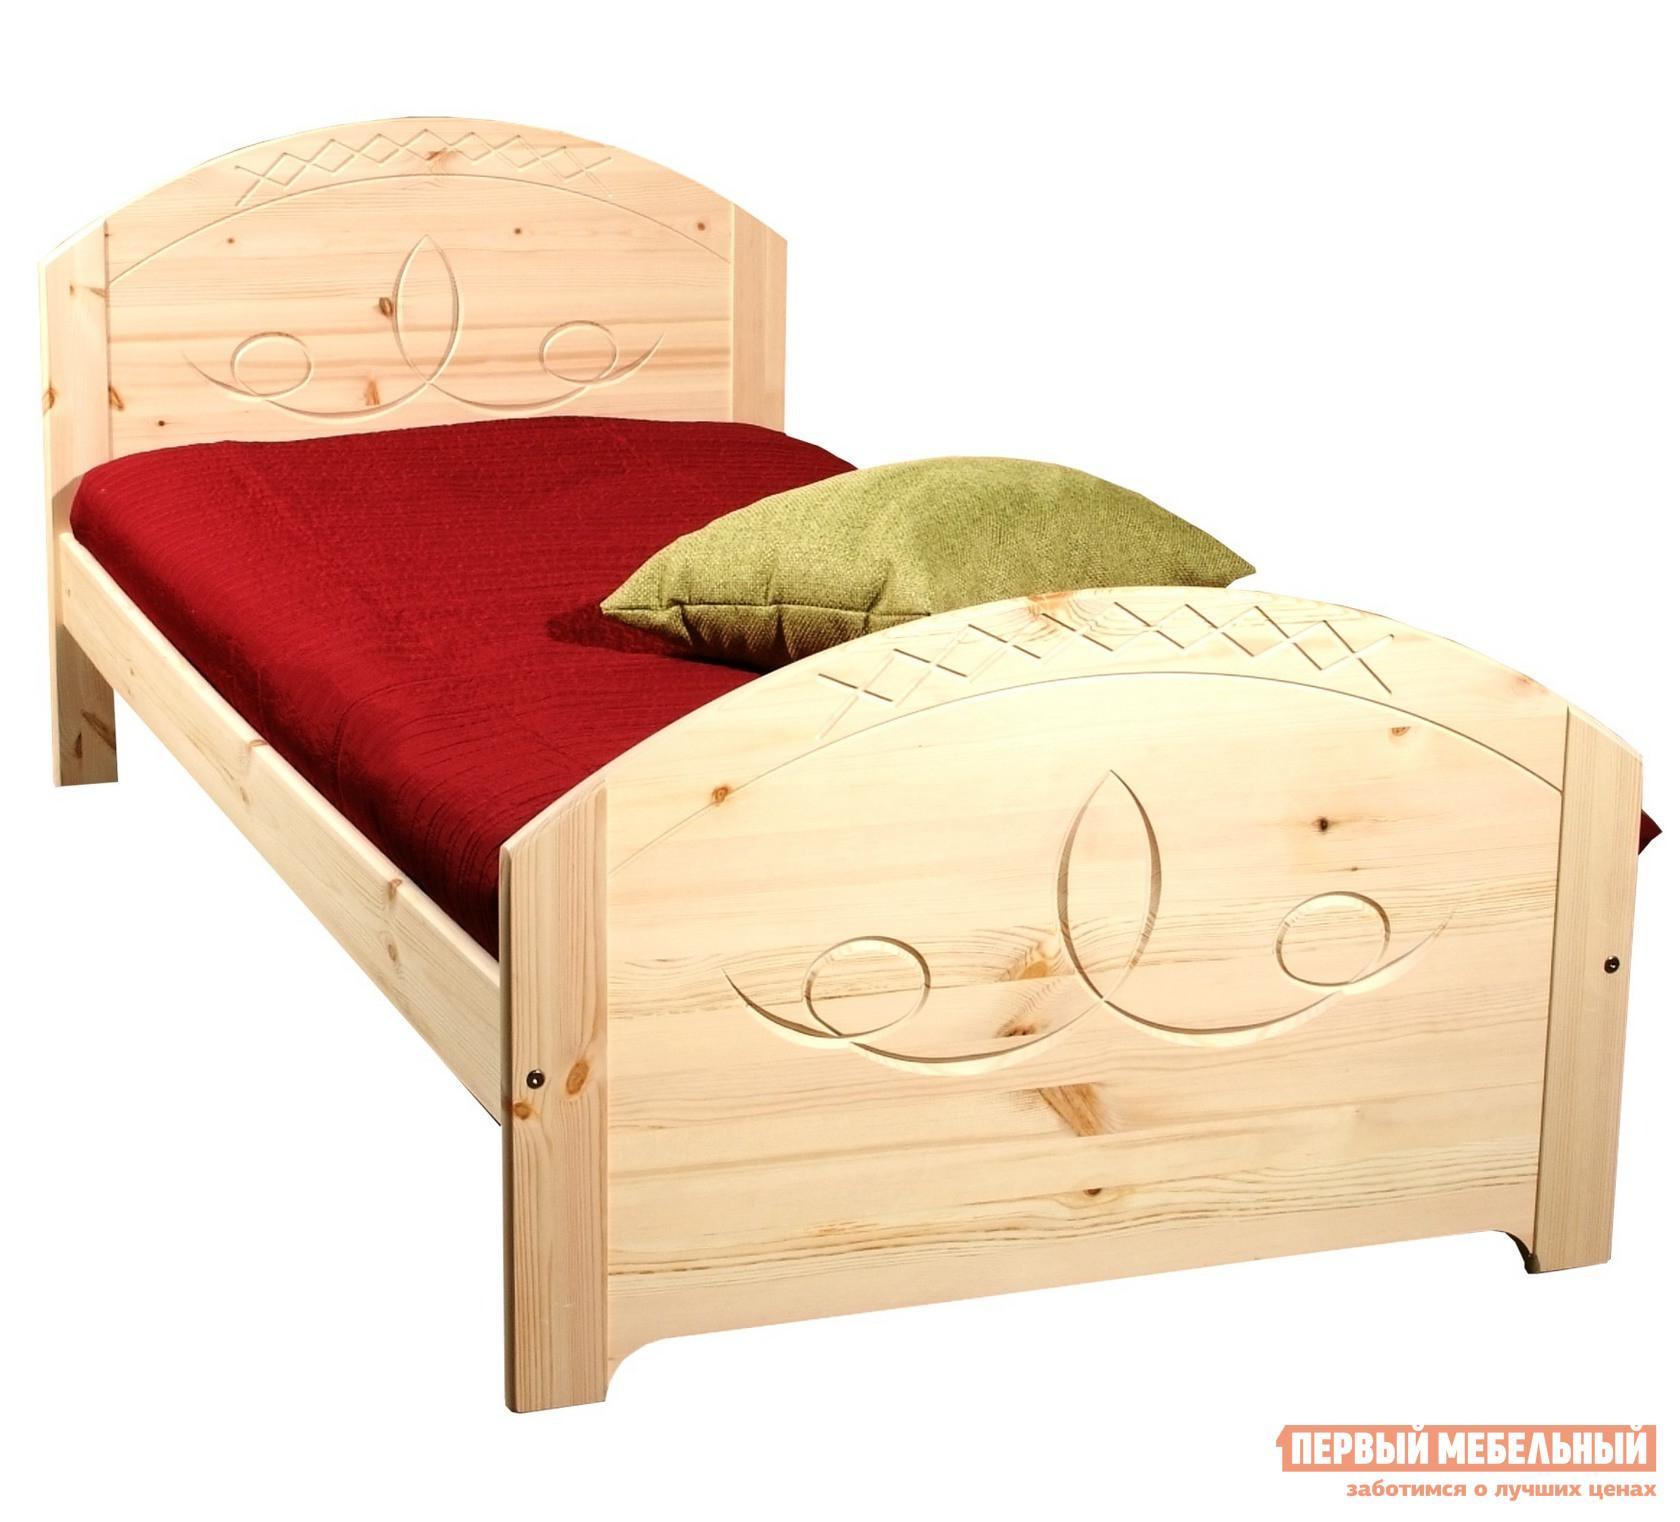 купить Двуспальная деревянная кровать Timberica Элина по цене 8910 рублей